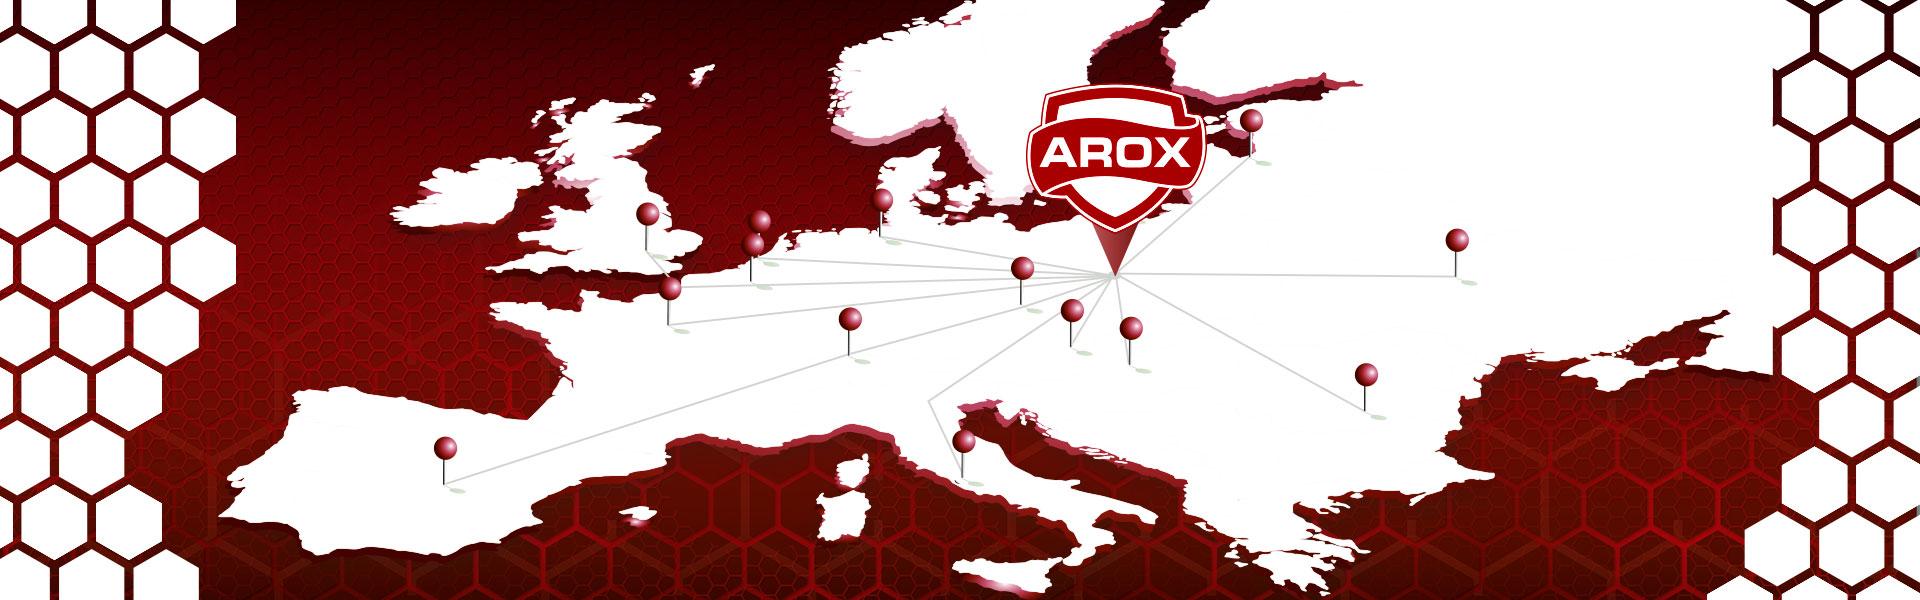 Gdzie kupić? - Arox